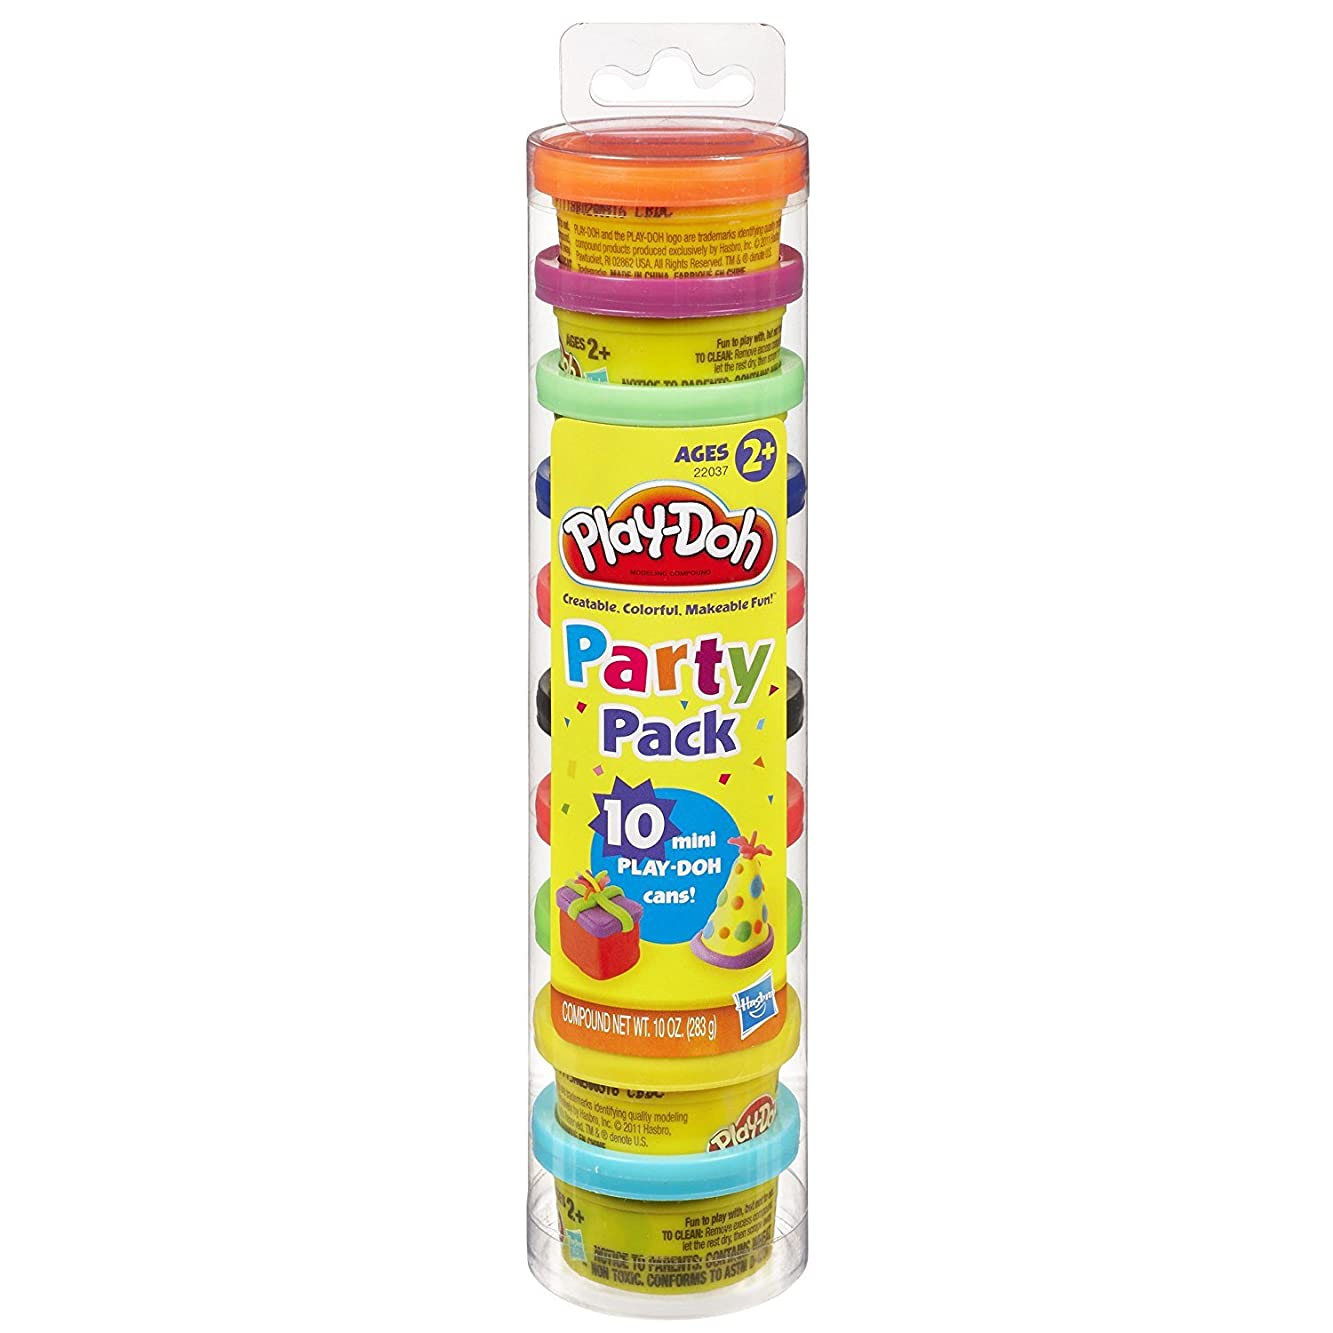 明らかに国降下Play-Doh Party Pack [並行輸入品]